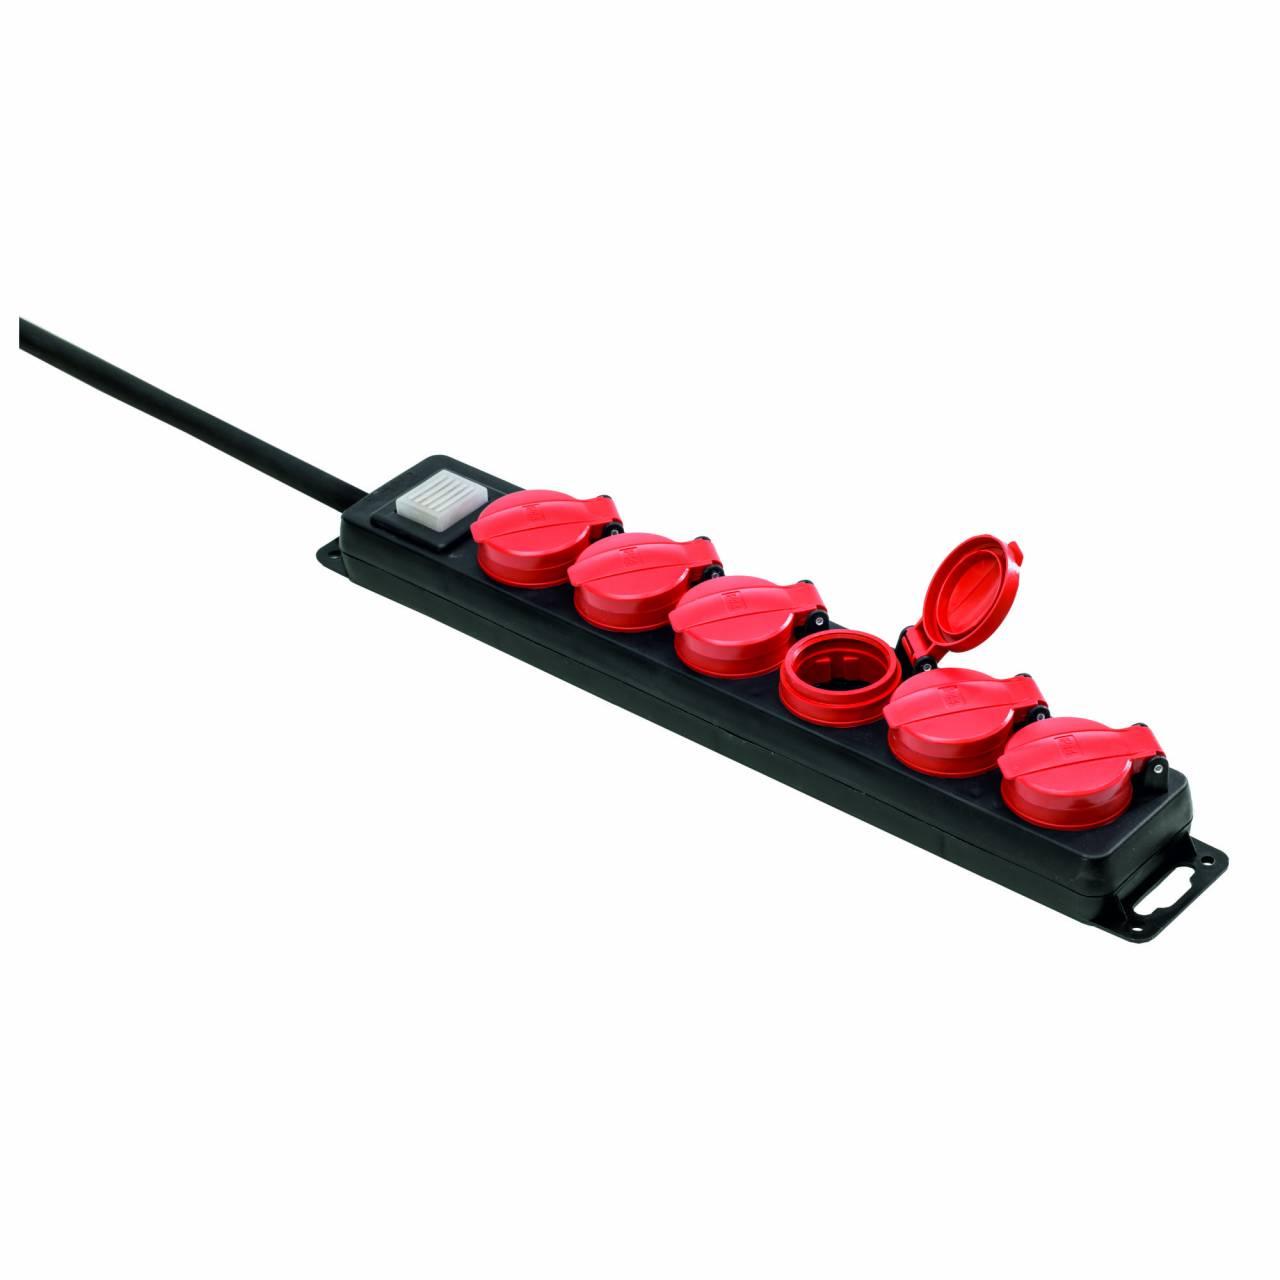 Steckdosenleiste 6-fach IP44, 1,5 m Zuleitung, Deckel selbstschließend